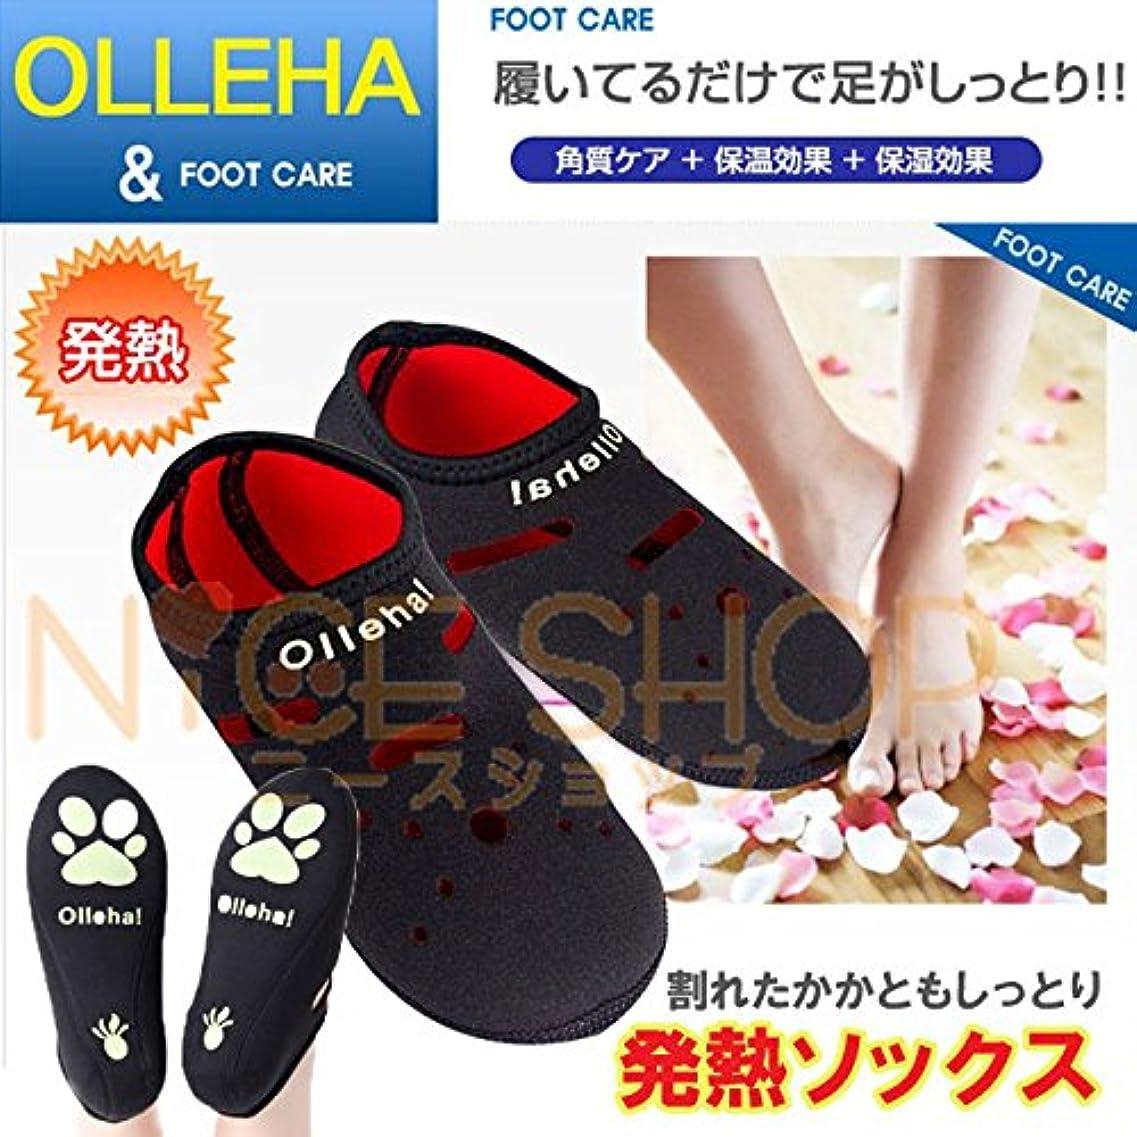 拡大する酸度塊発熱靴下(足袋)発熱ソックス、フットケアー Olleha! (M(23.5~24.0))